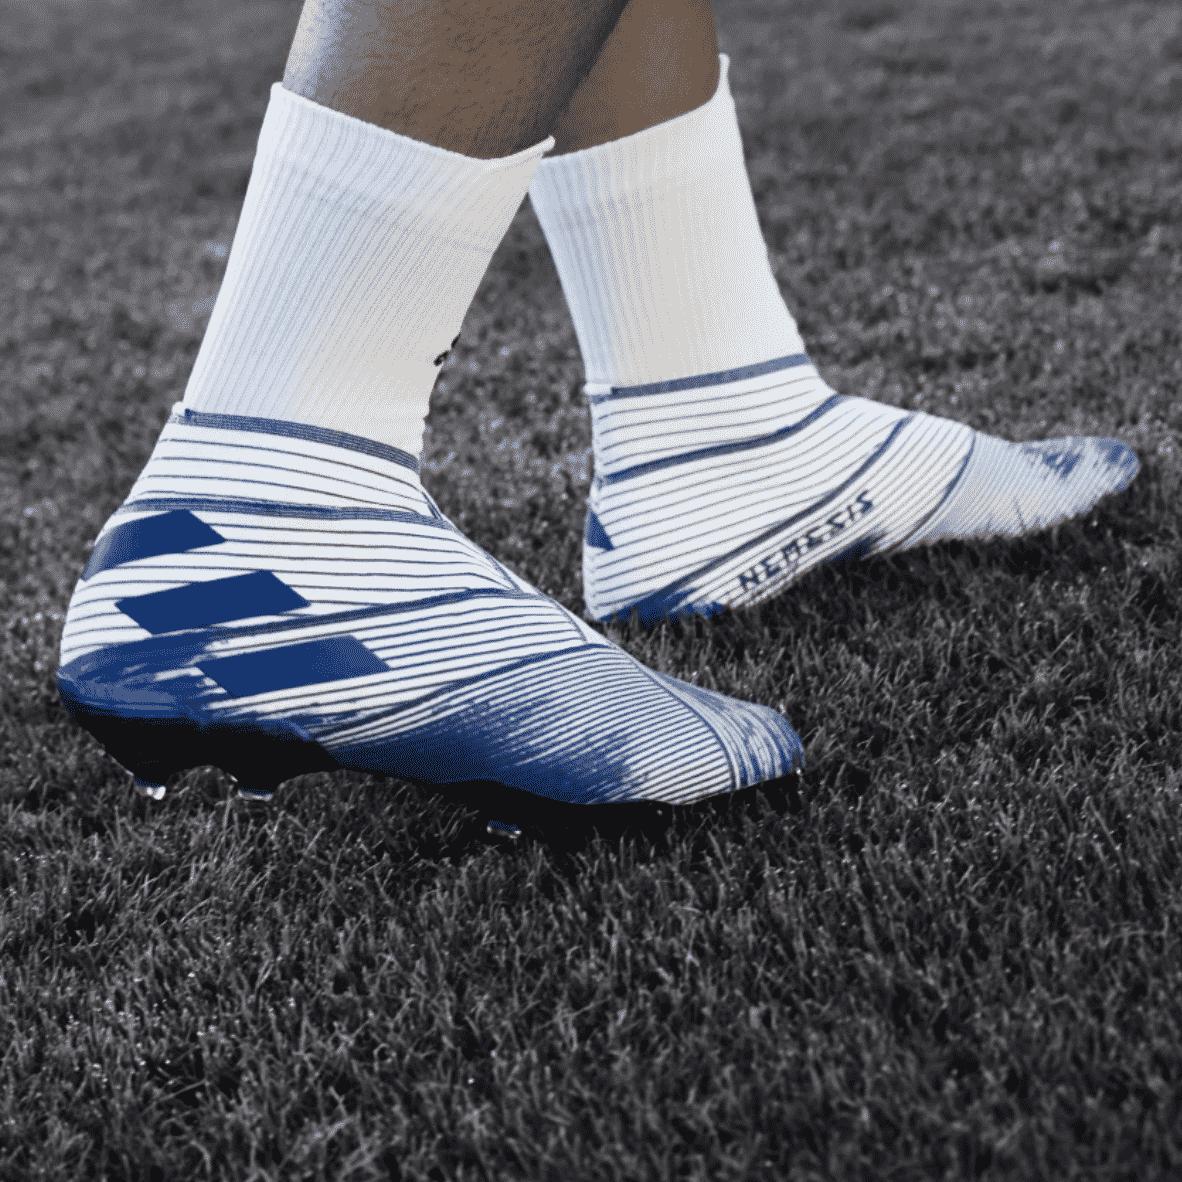 adidas-nemeziz-pack-mutator-janvier-2020-2